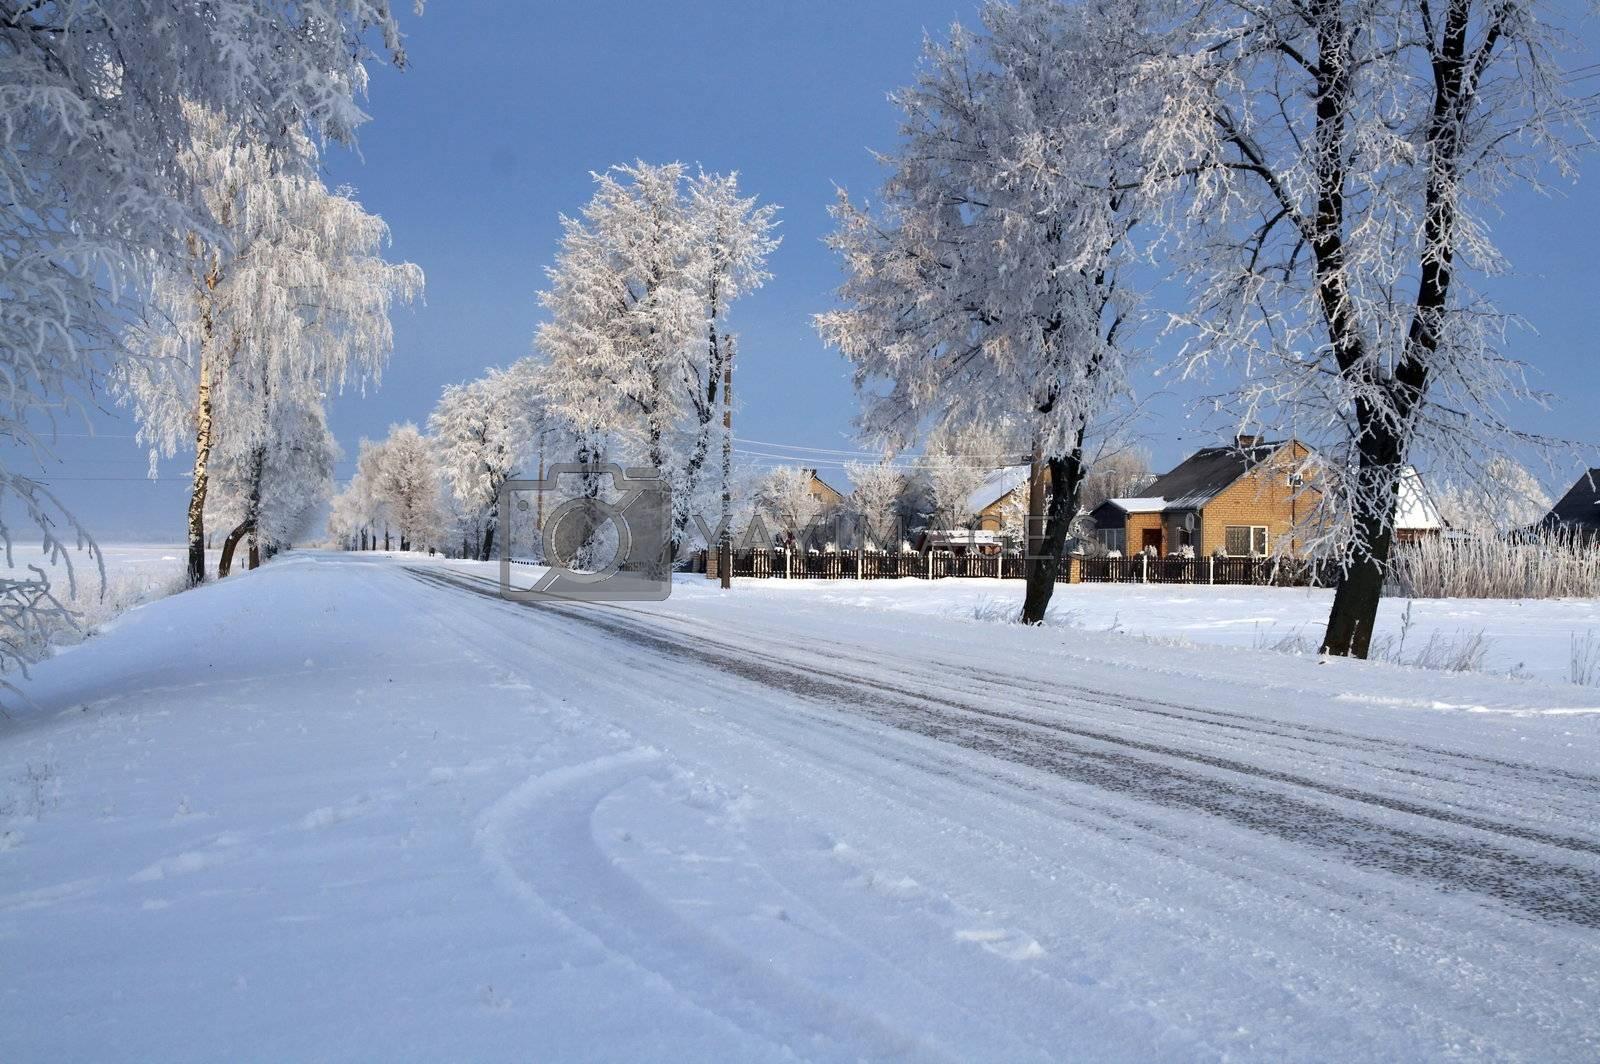 Road in snow - winter scene